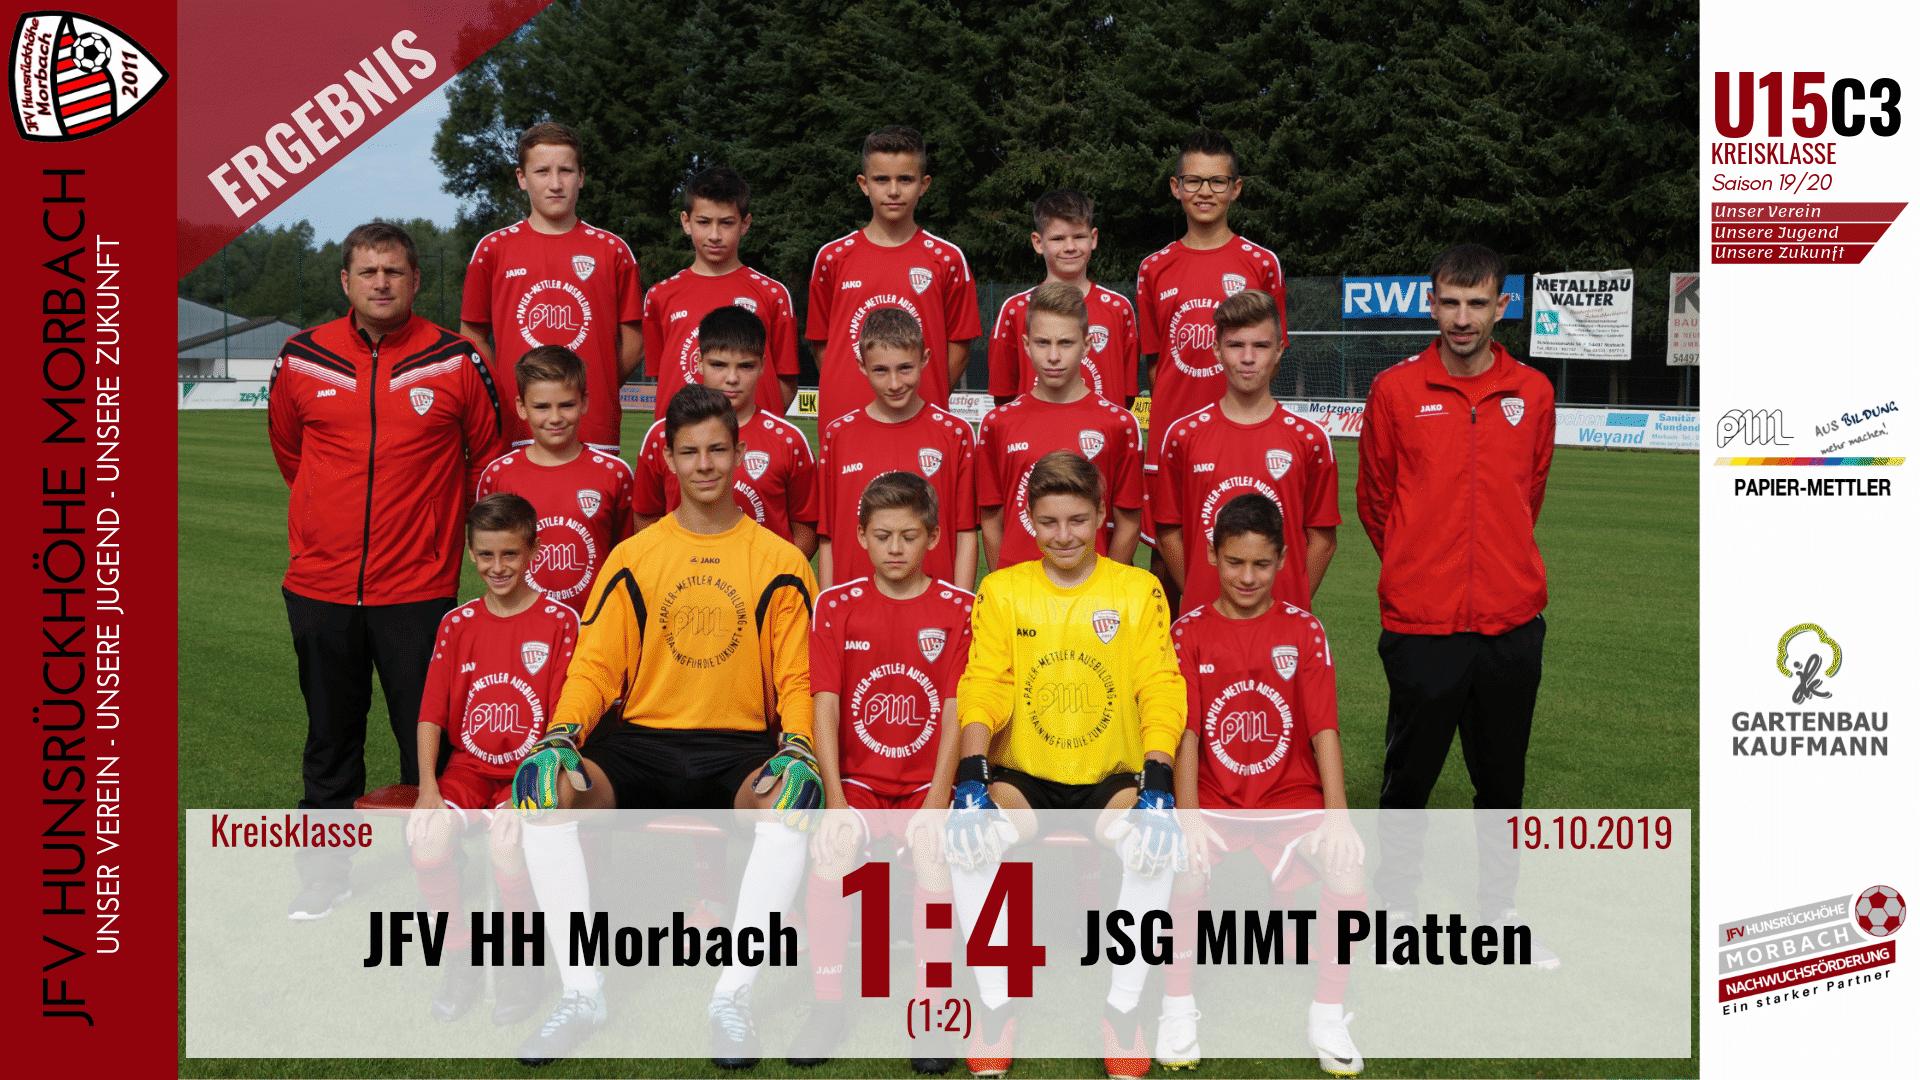 U15 C3: JFV Hunsrückhöhe Morbach – JSG Mittelmoseltal Platten 1:4 (1:2)